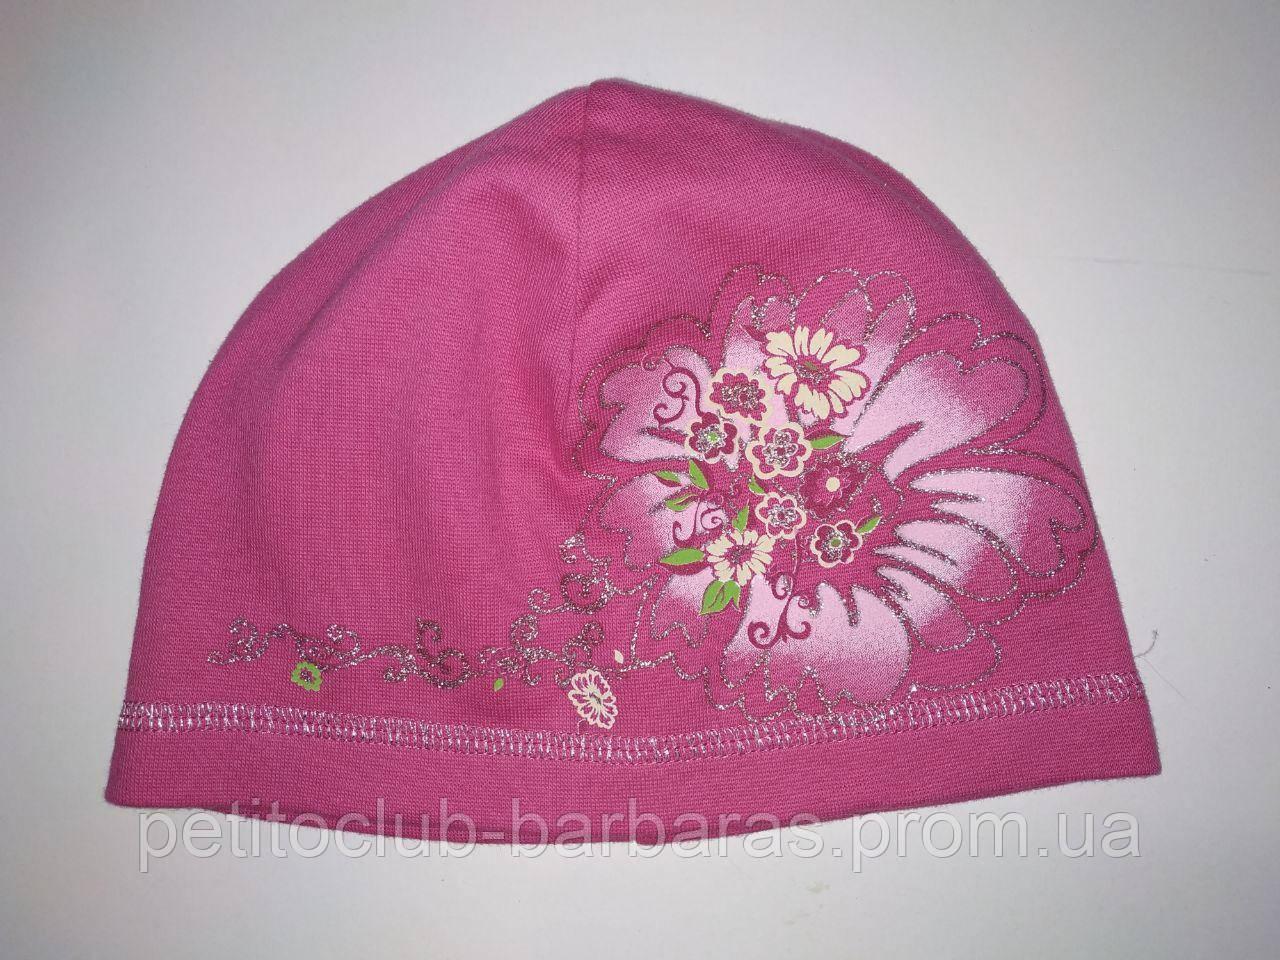 Тонкая хлопковая шапка для девочки Цветок розовая (AJS,Польша)